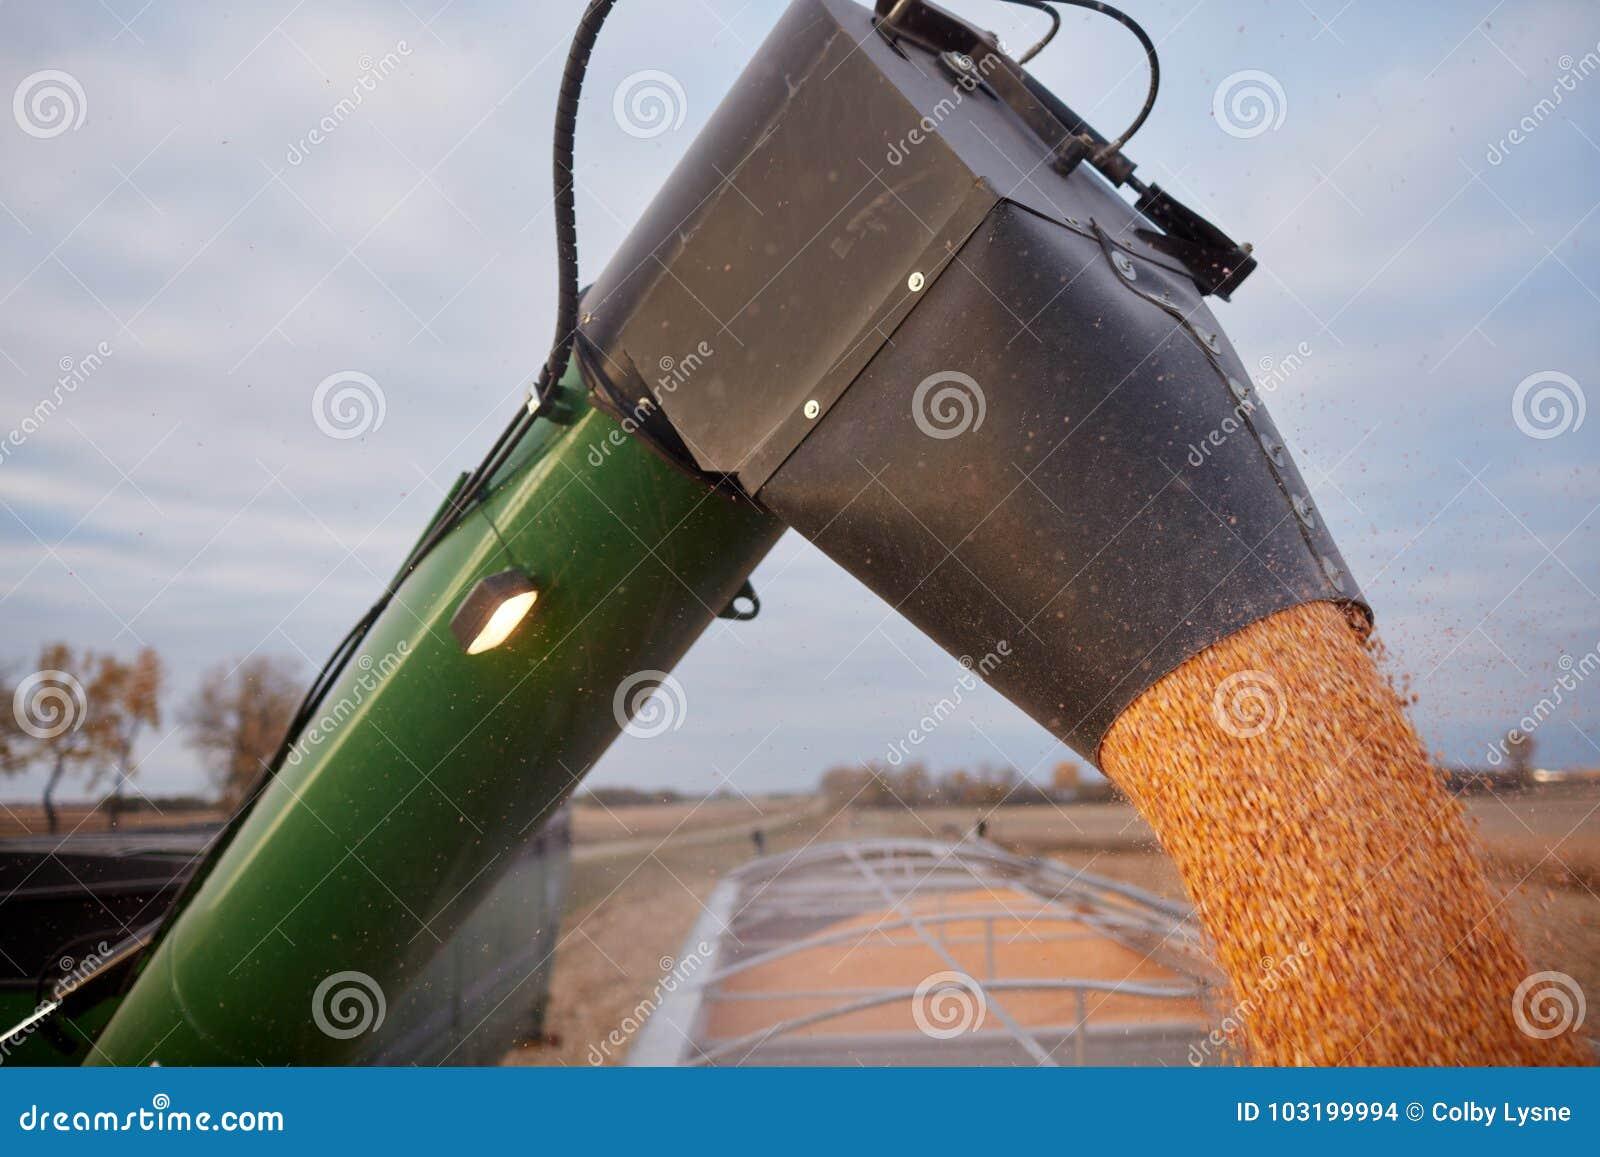 Skördetröska som fyller en lantgårdlastbil